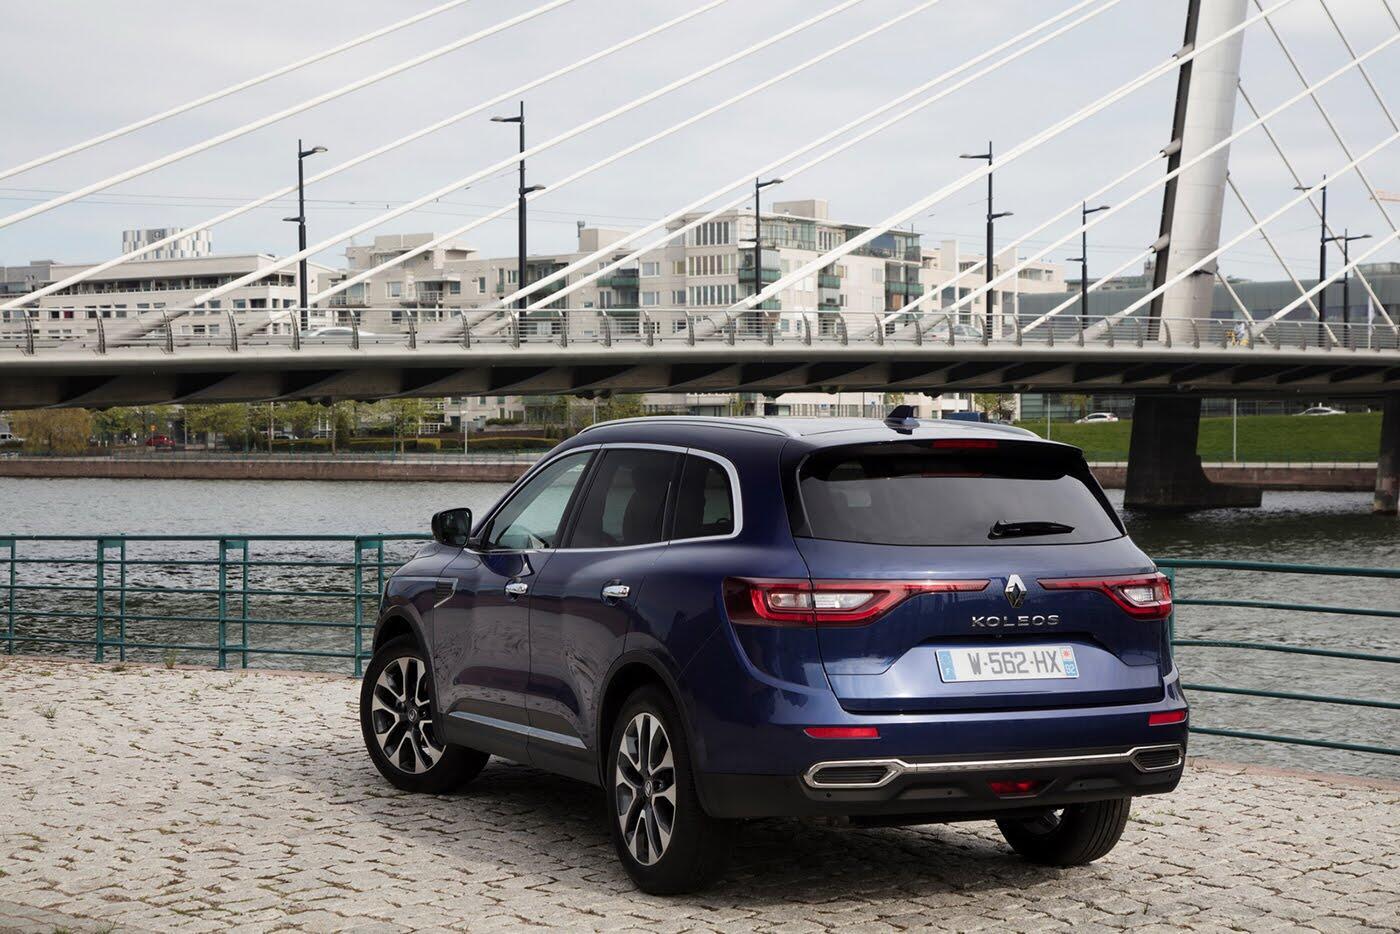 Xem thêm ảnh Renault Koleos 2017 - Hình 10